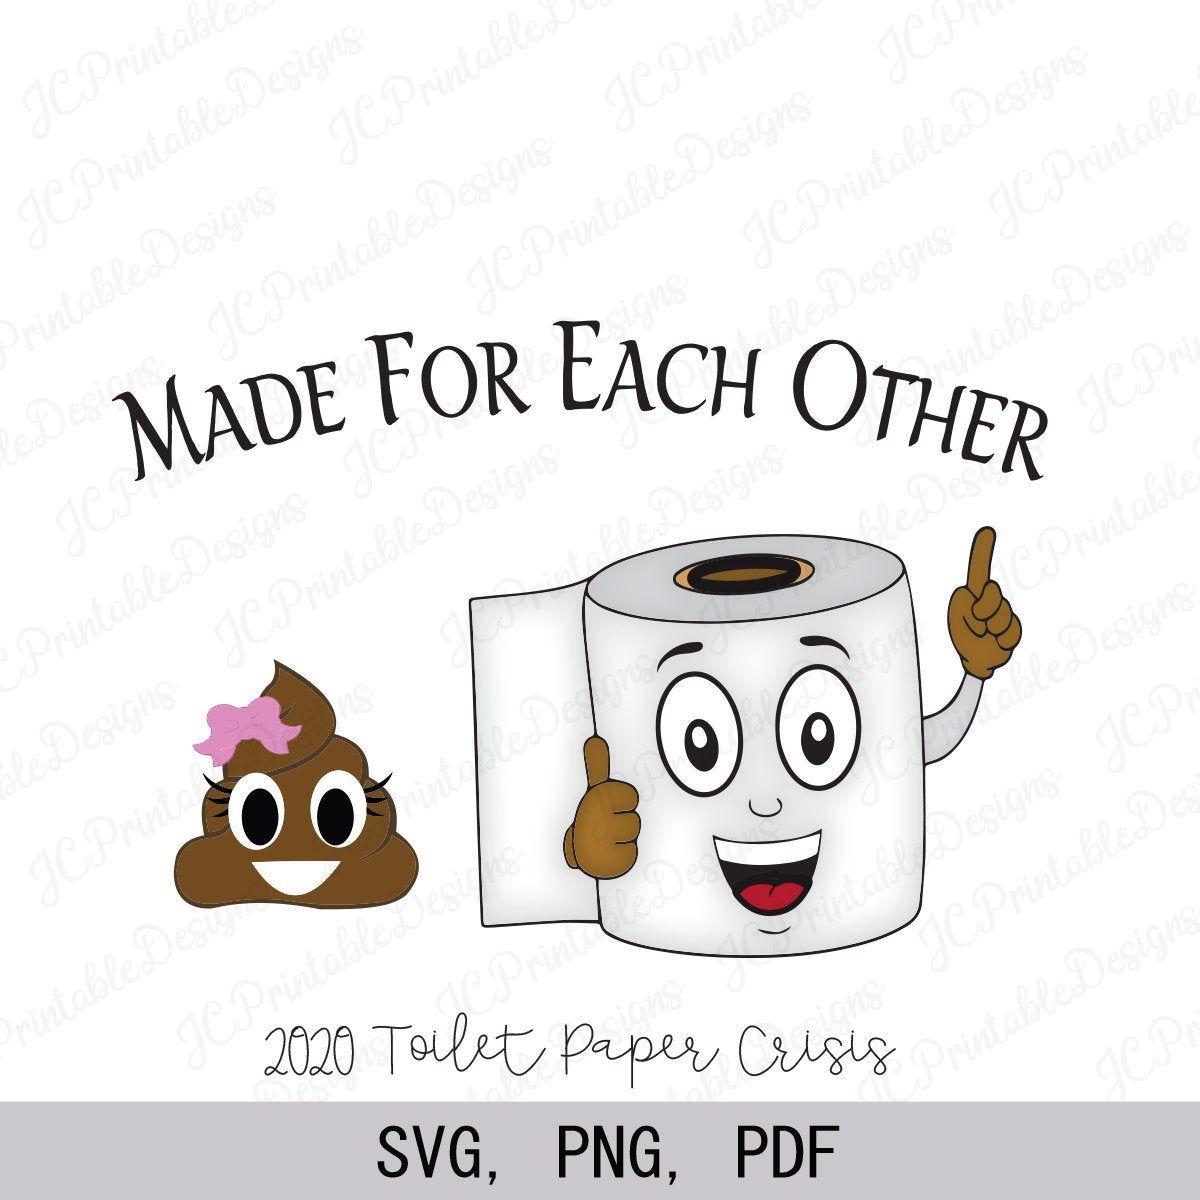 Toilet Paper Clipart, Toilet Paper SVG, Toilet Paper